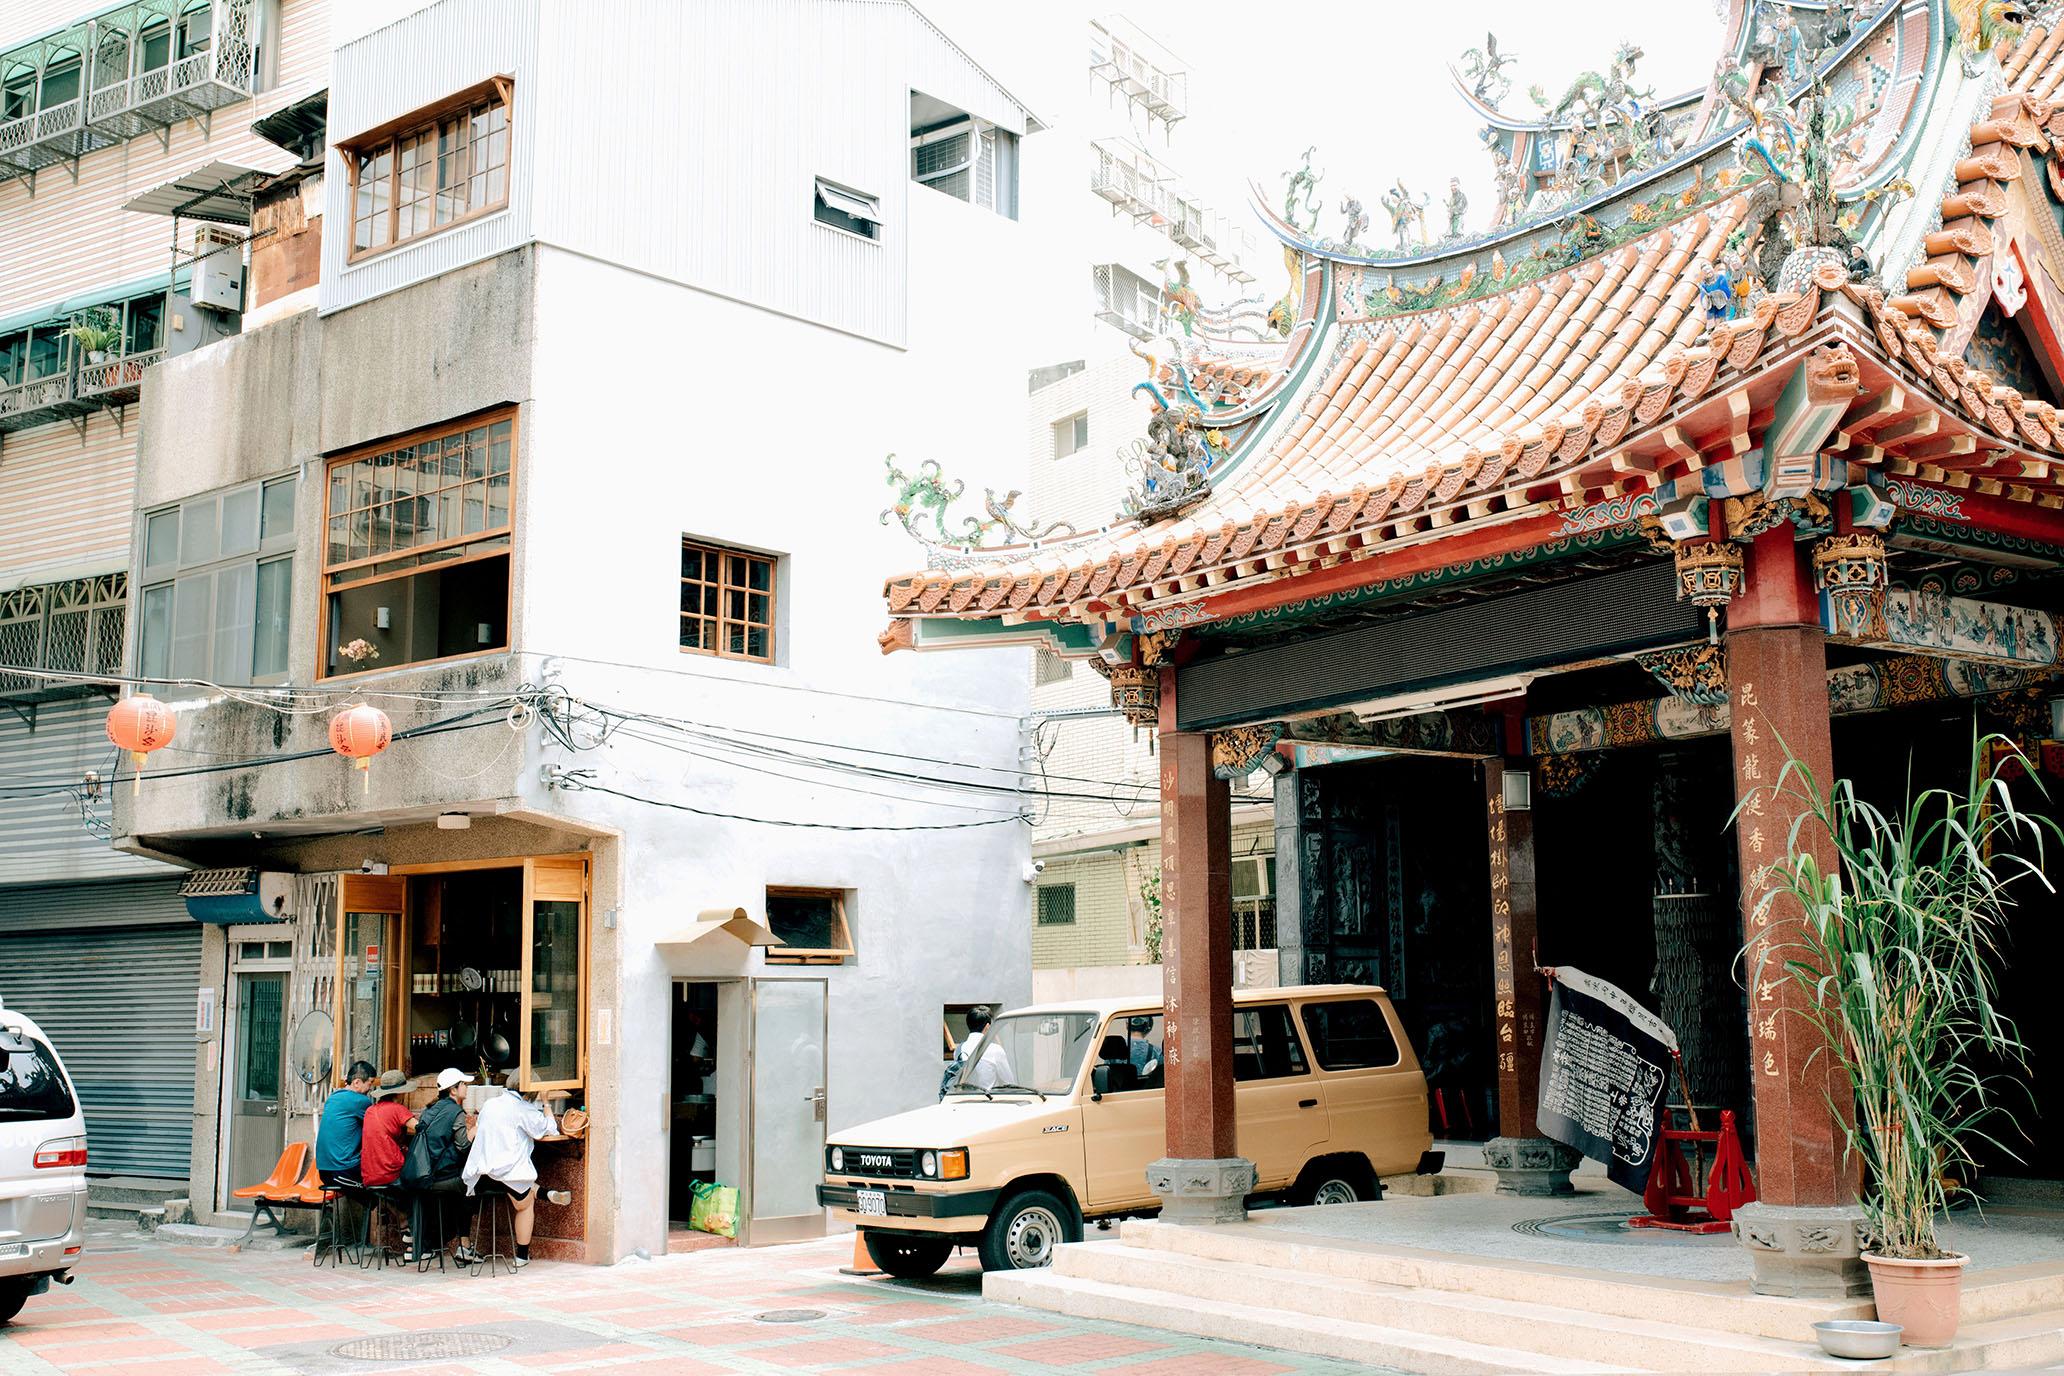 網站近期文章:曾經單車載著思念,現在將它落腳廟旁|台南 糯夫米糕